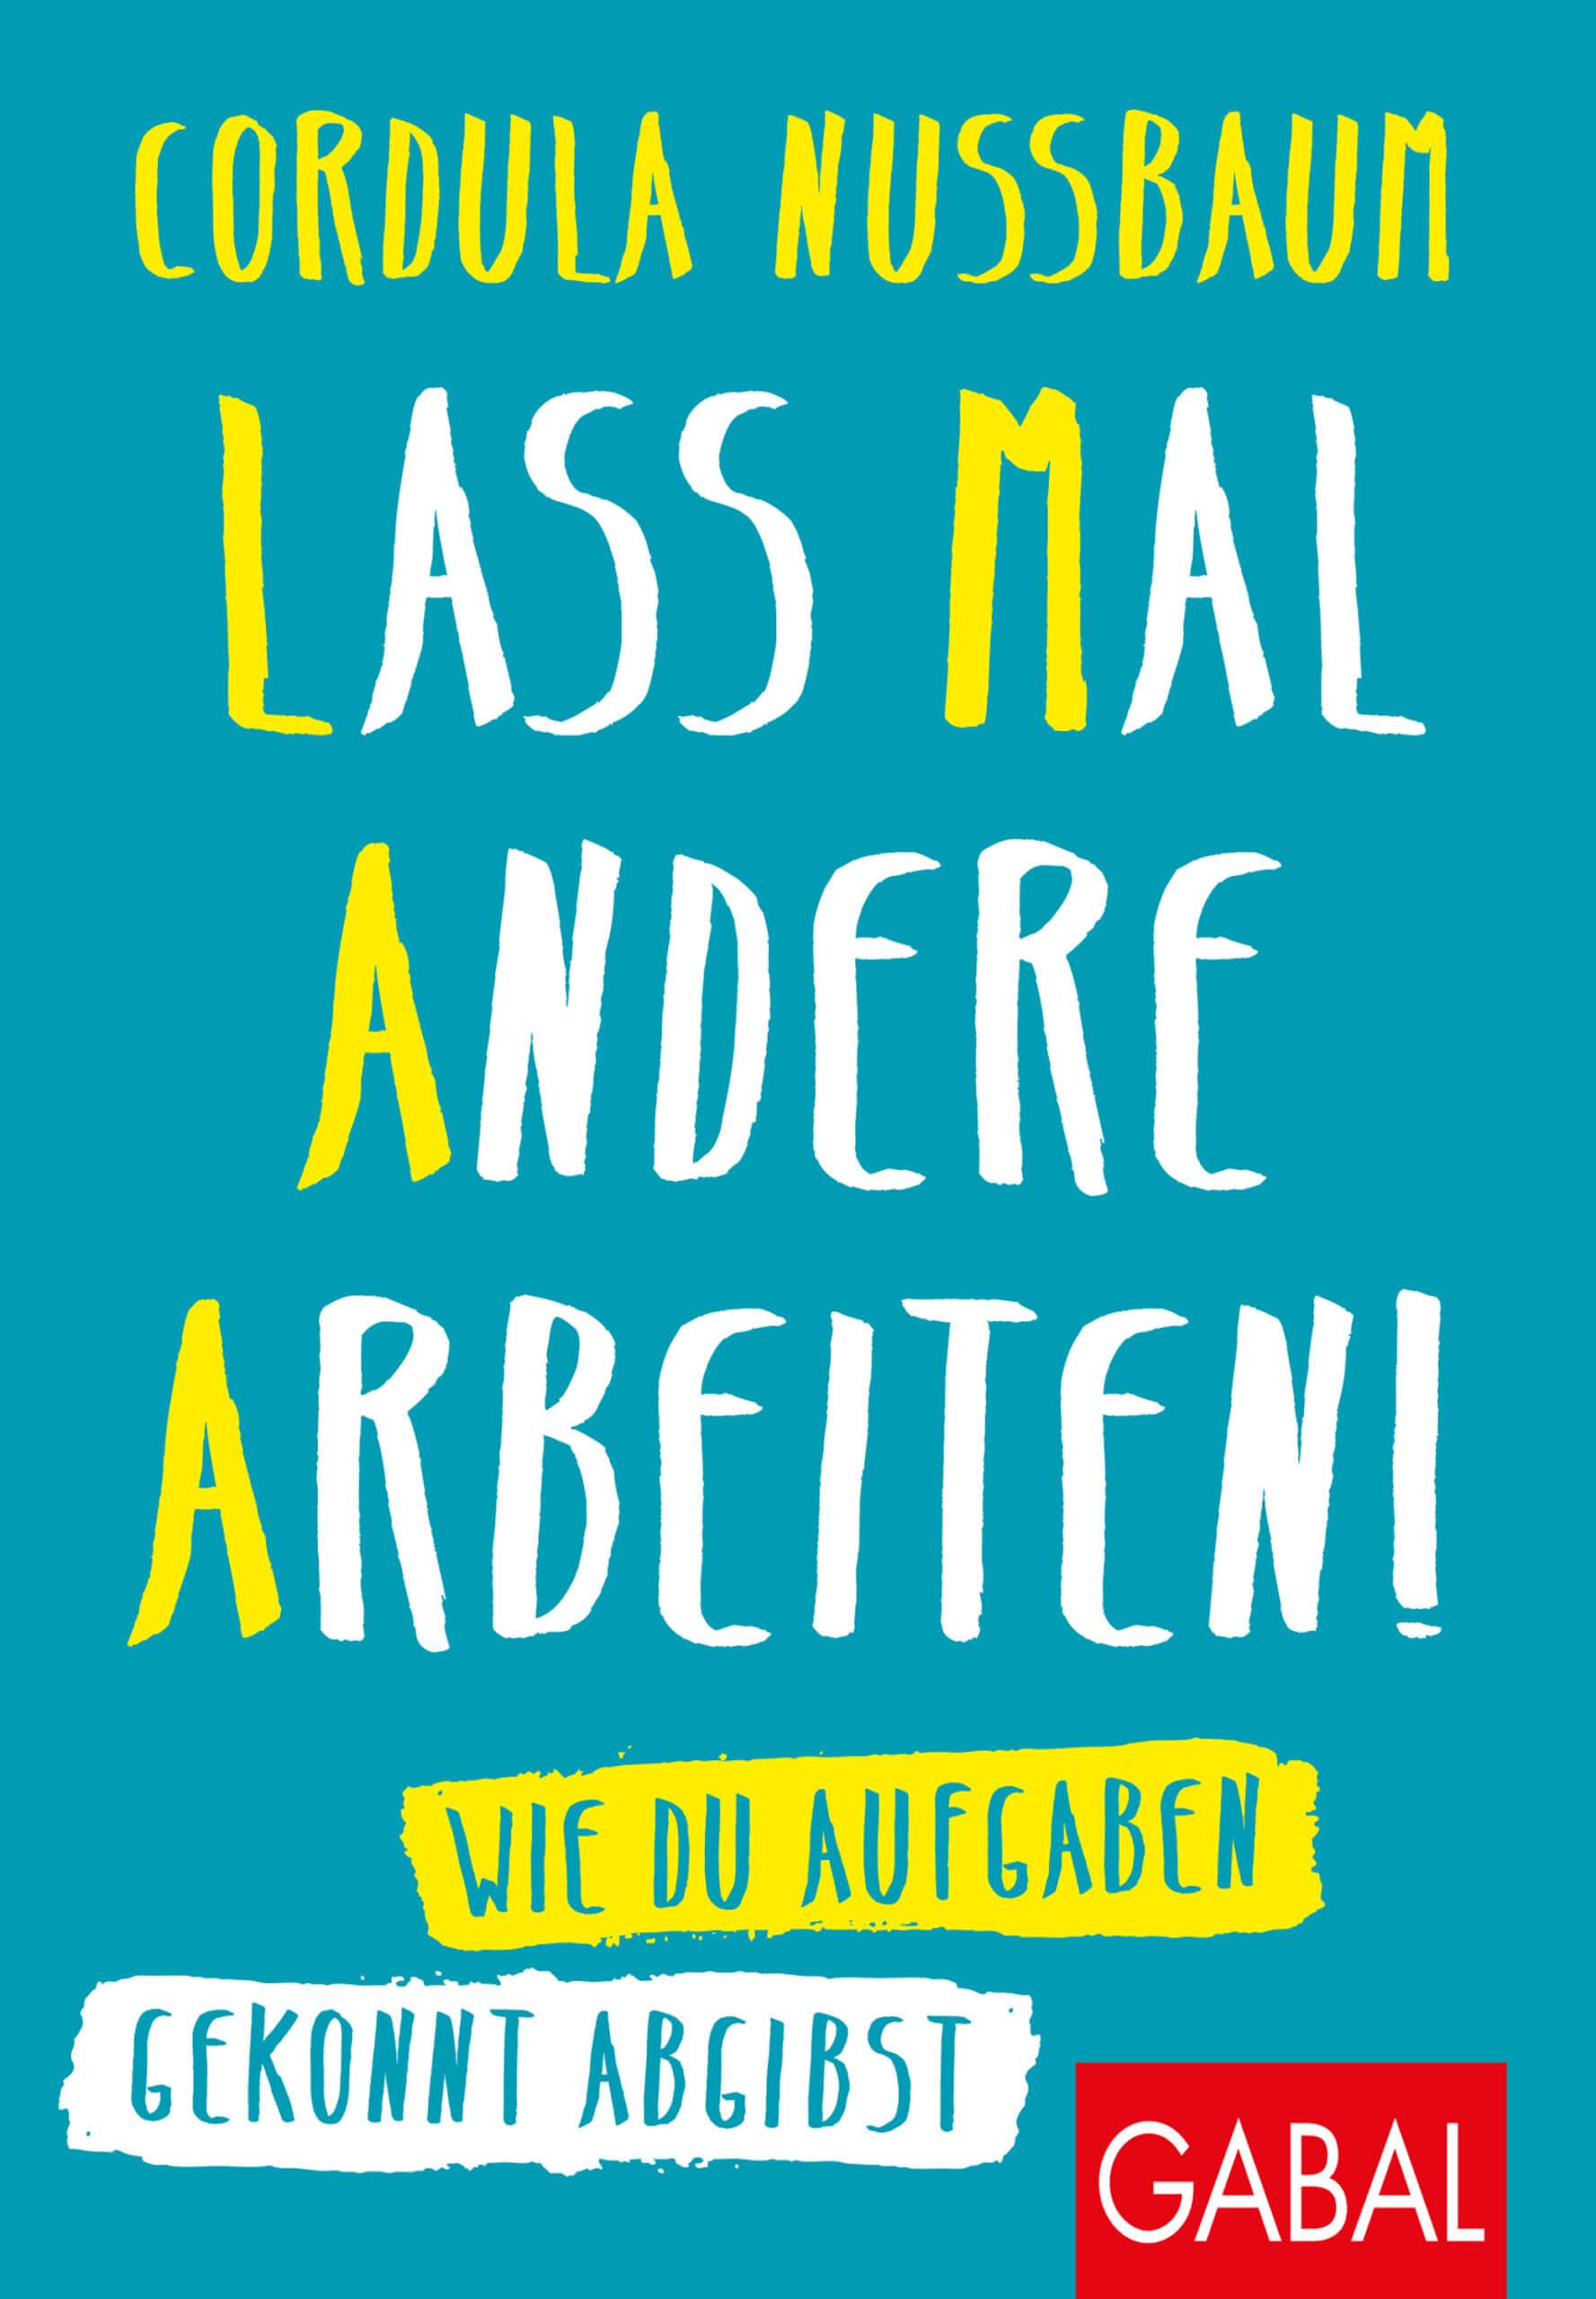 U1_Cordula Nussbaum_Lass Mal Andere Arbeiten_13.03.2020.indd